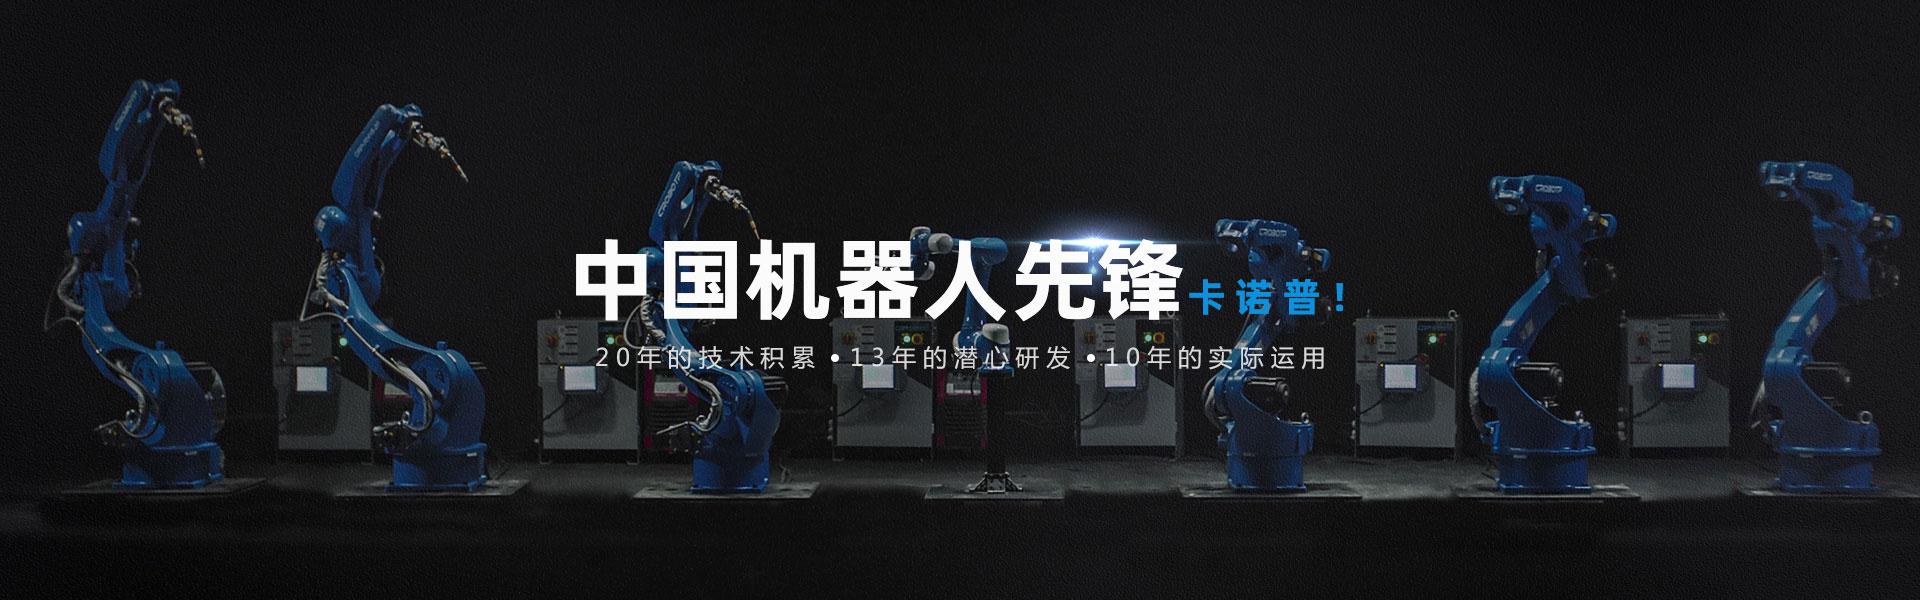 卡诺普机器人多少钱,机器人焊接报价